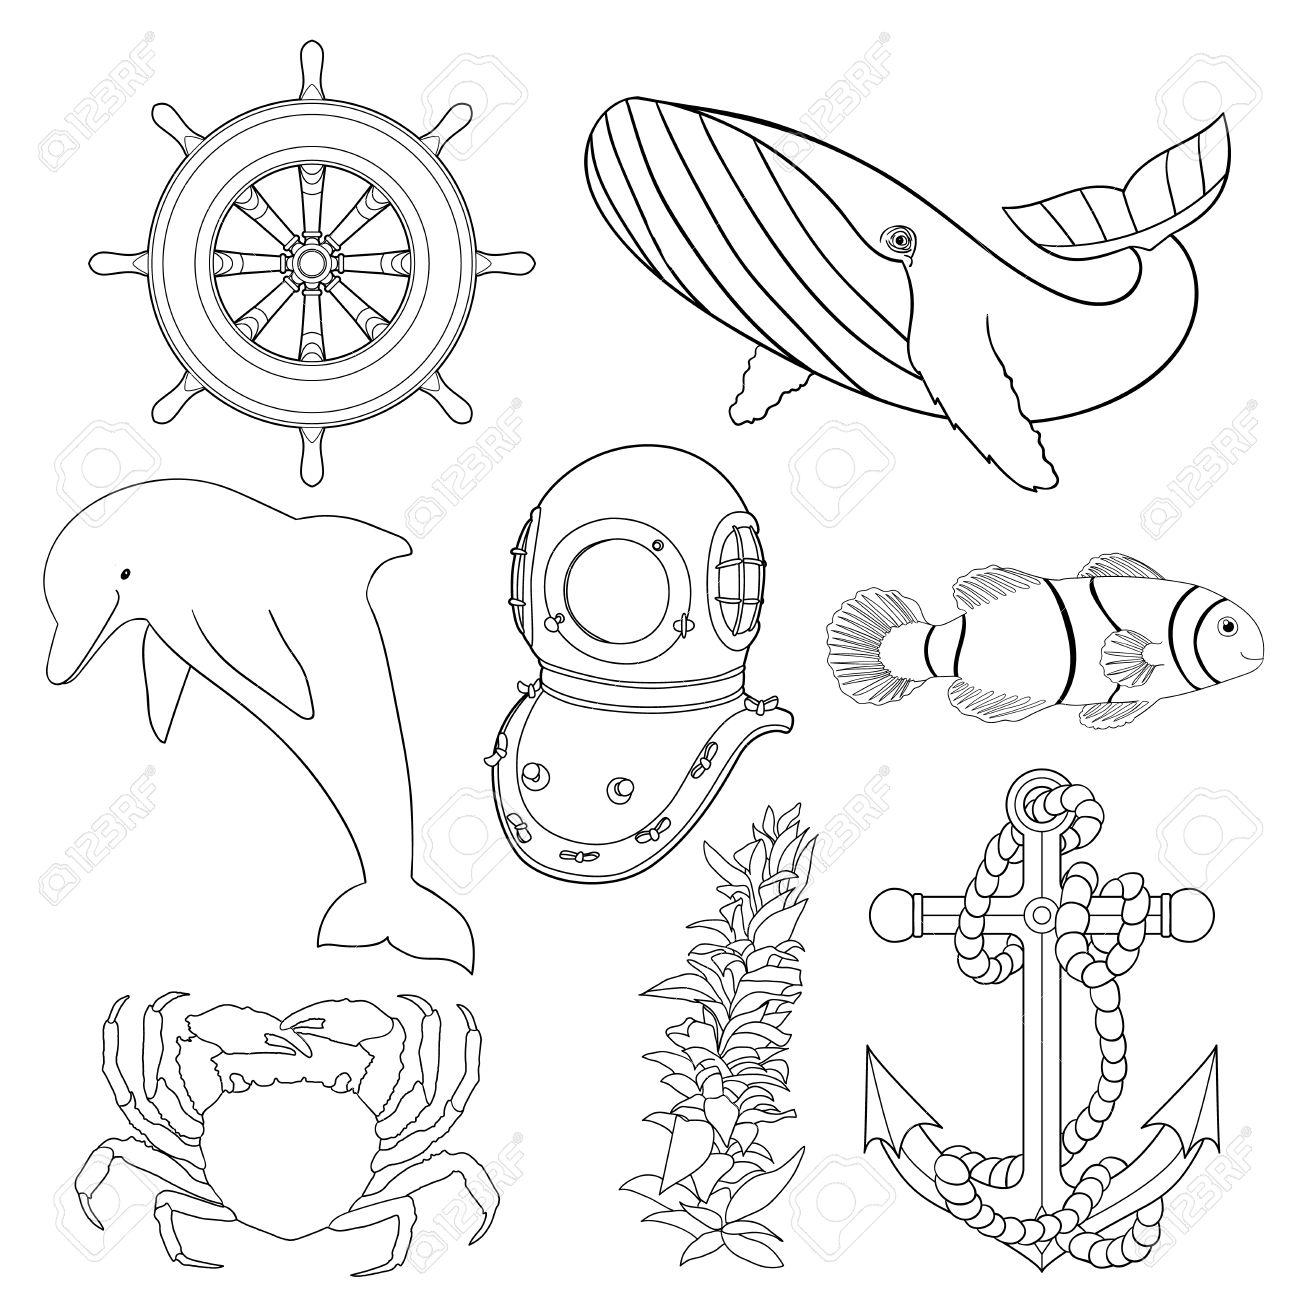 Conjunto De Ilustraciones Para Niños Para Colorear Animales Marinos Y Objetos En Blanco Y Negro Dibujado A Mano Colección Con Animales Oceánicos